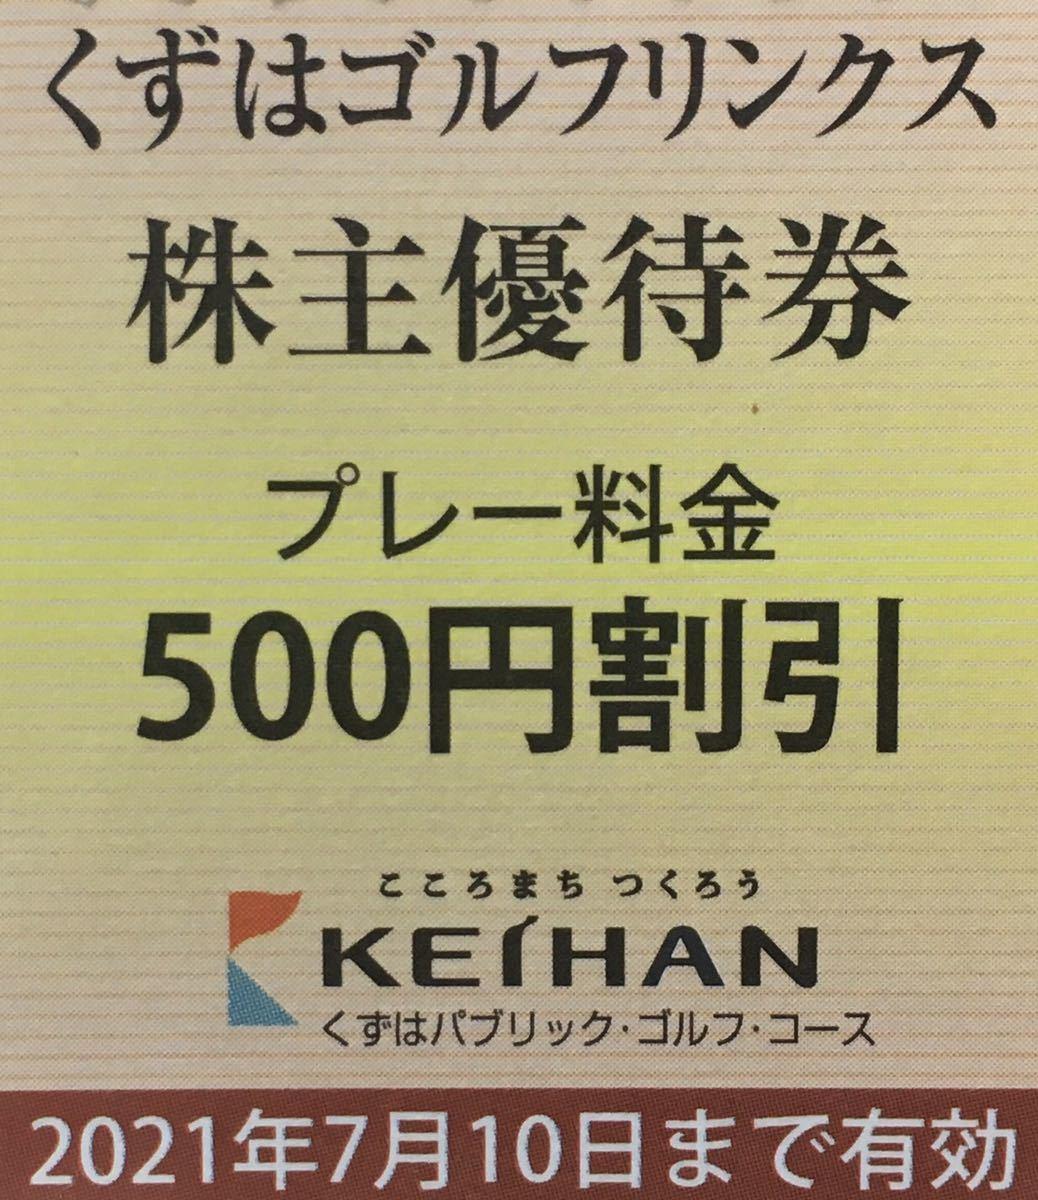 KEIHAN☆くずはゴルフリンクス☆株主優待券☆500円割引券☆有効期限2021年7月10日_画像1